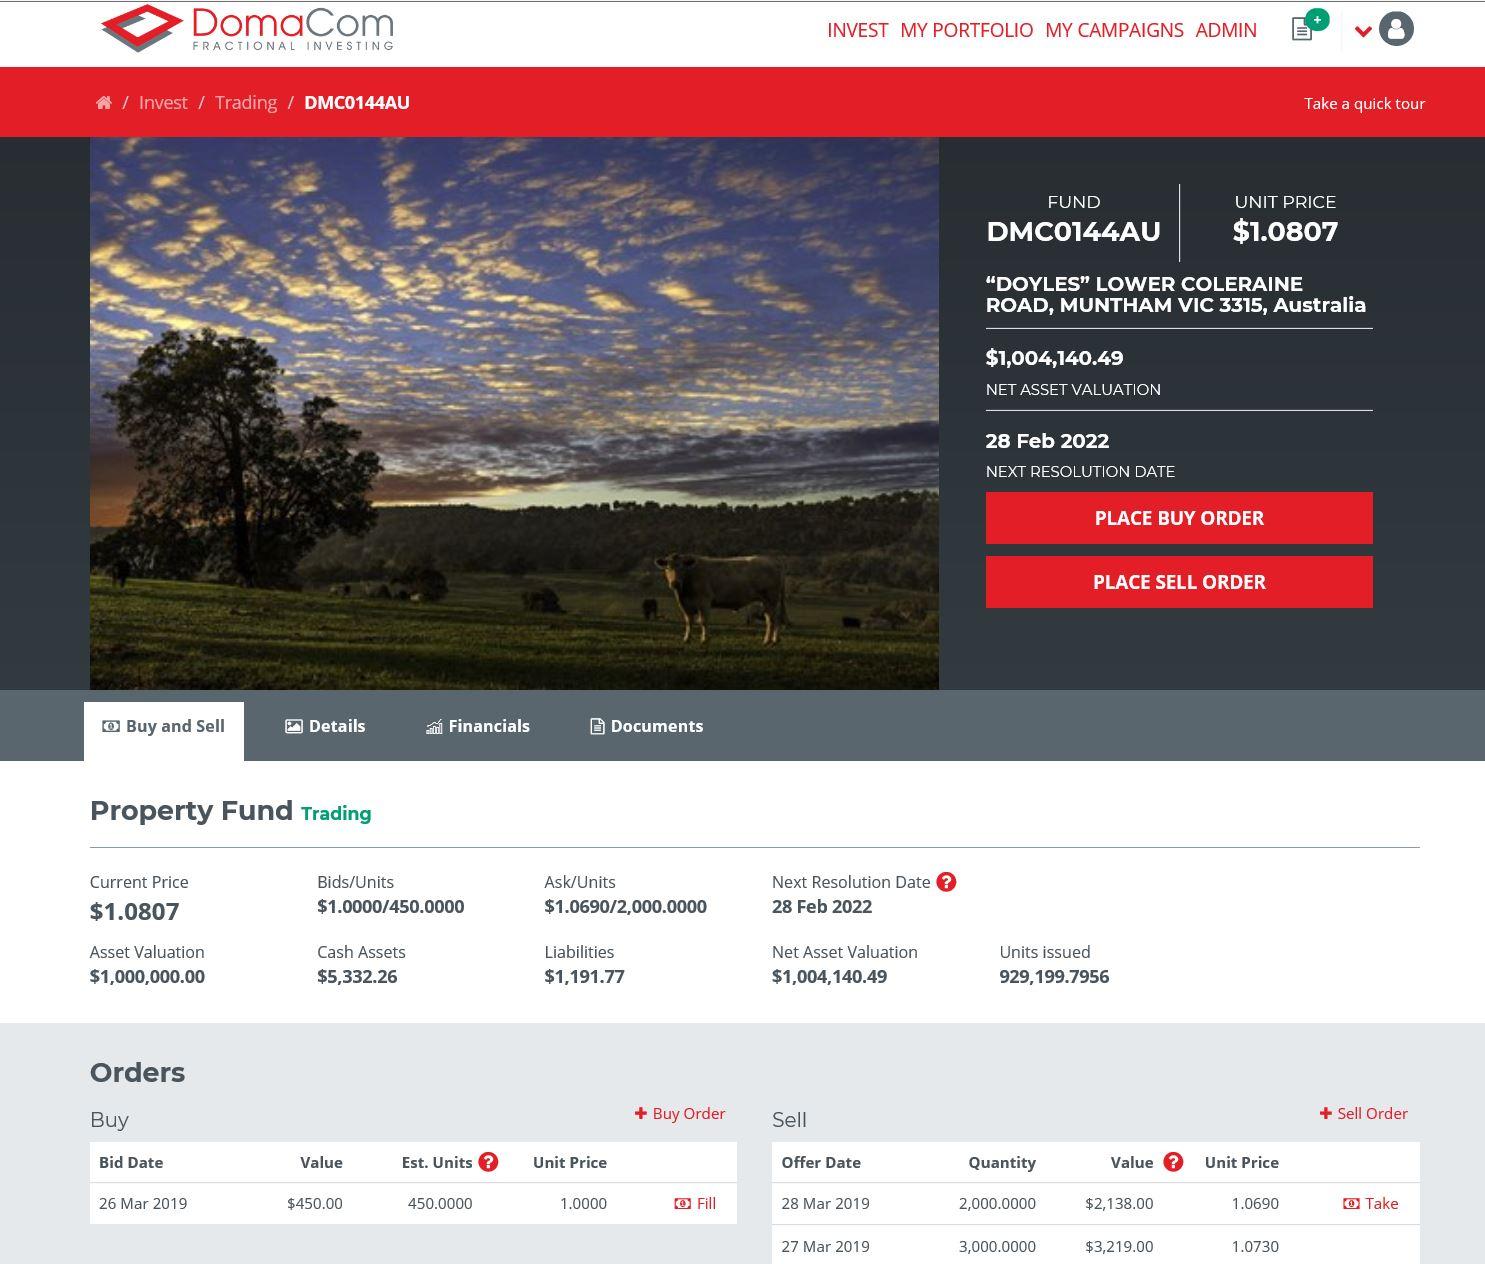 DomaCom Platform Screenshot